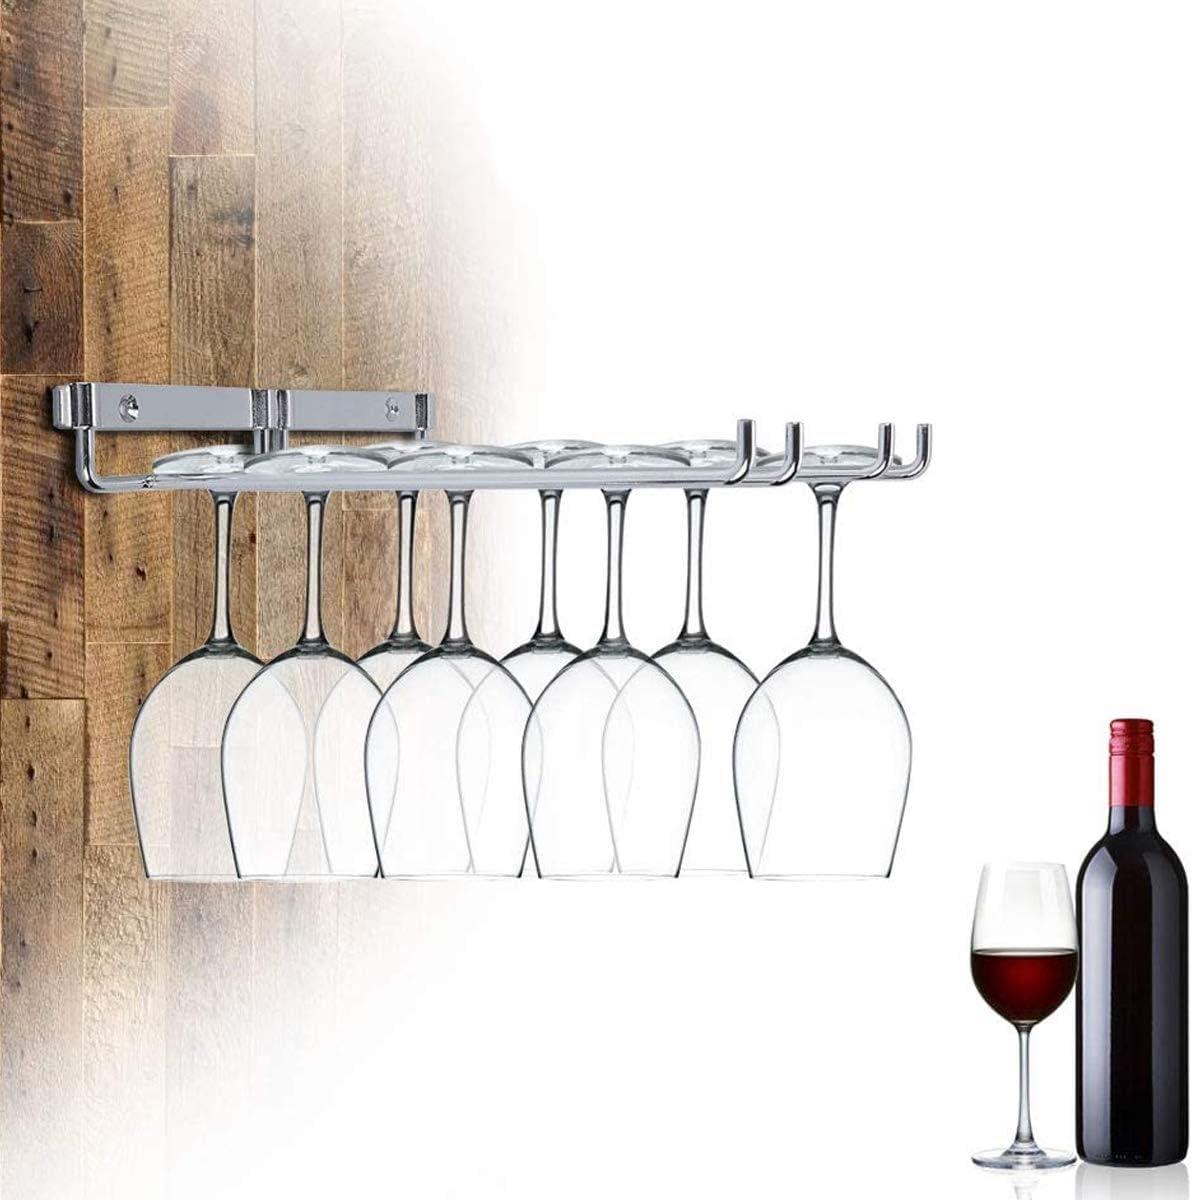 Zuzer Soporte Copas Soportes para Copas Estante para Copas Estante de Vidrio de Vino para Cocina//Bar//Restaurante